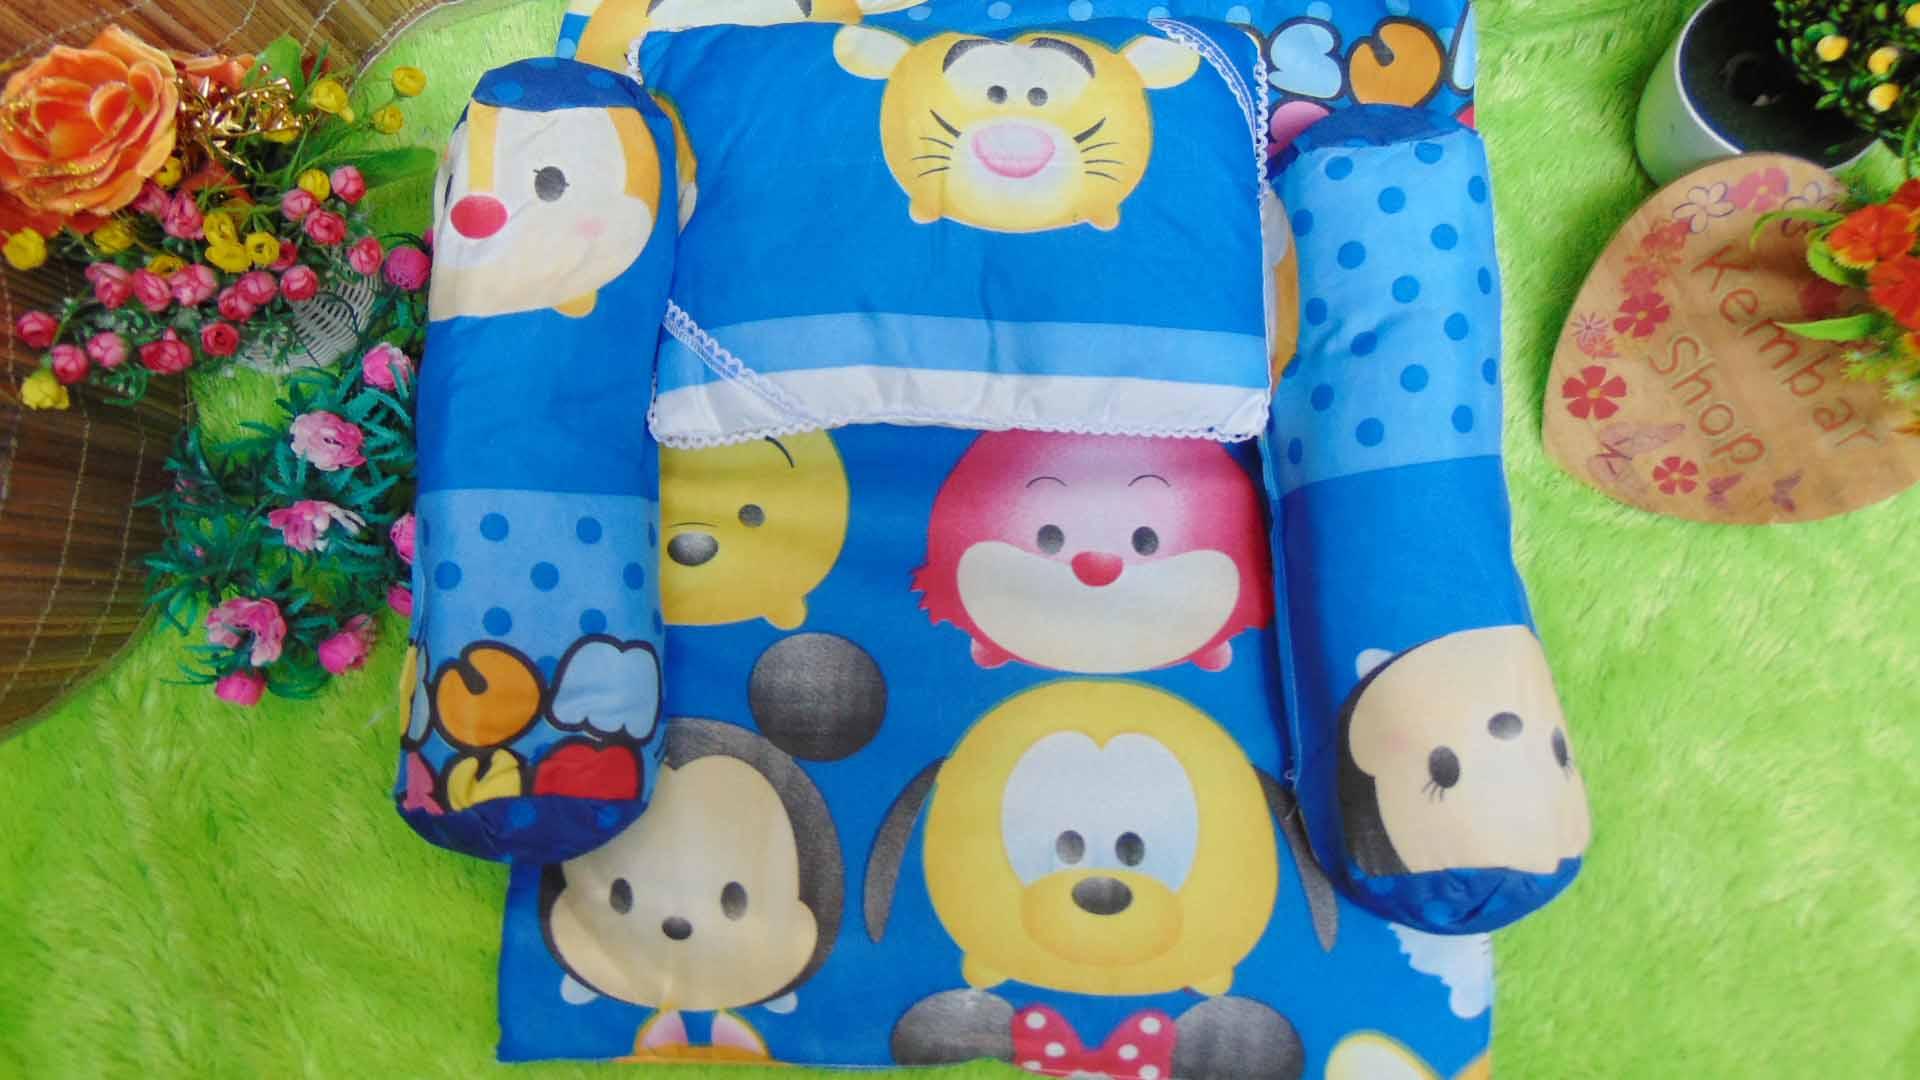 PALING MURAH kado bayi set kasur bayi karakter teddy bear disney tsum tsum (3)